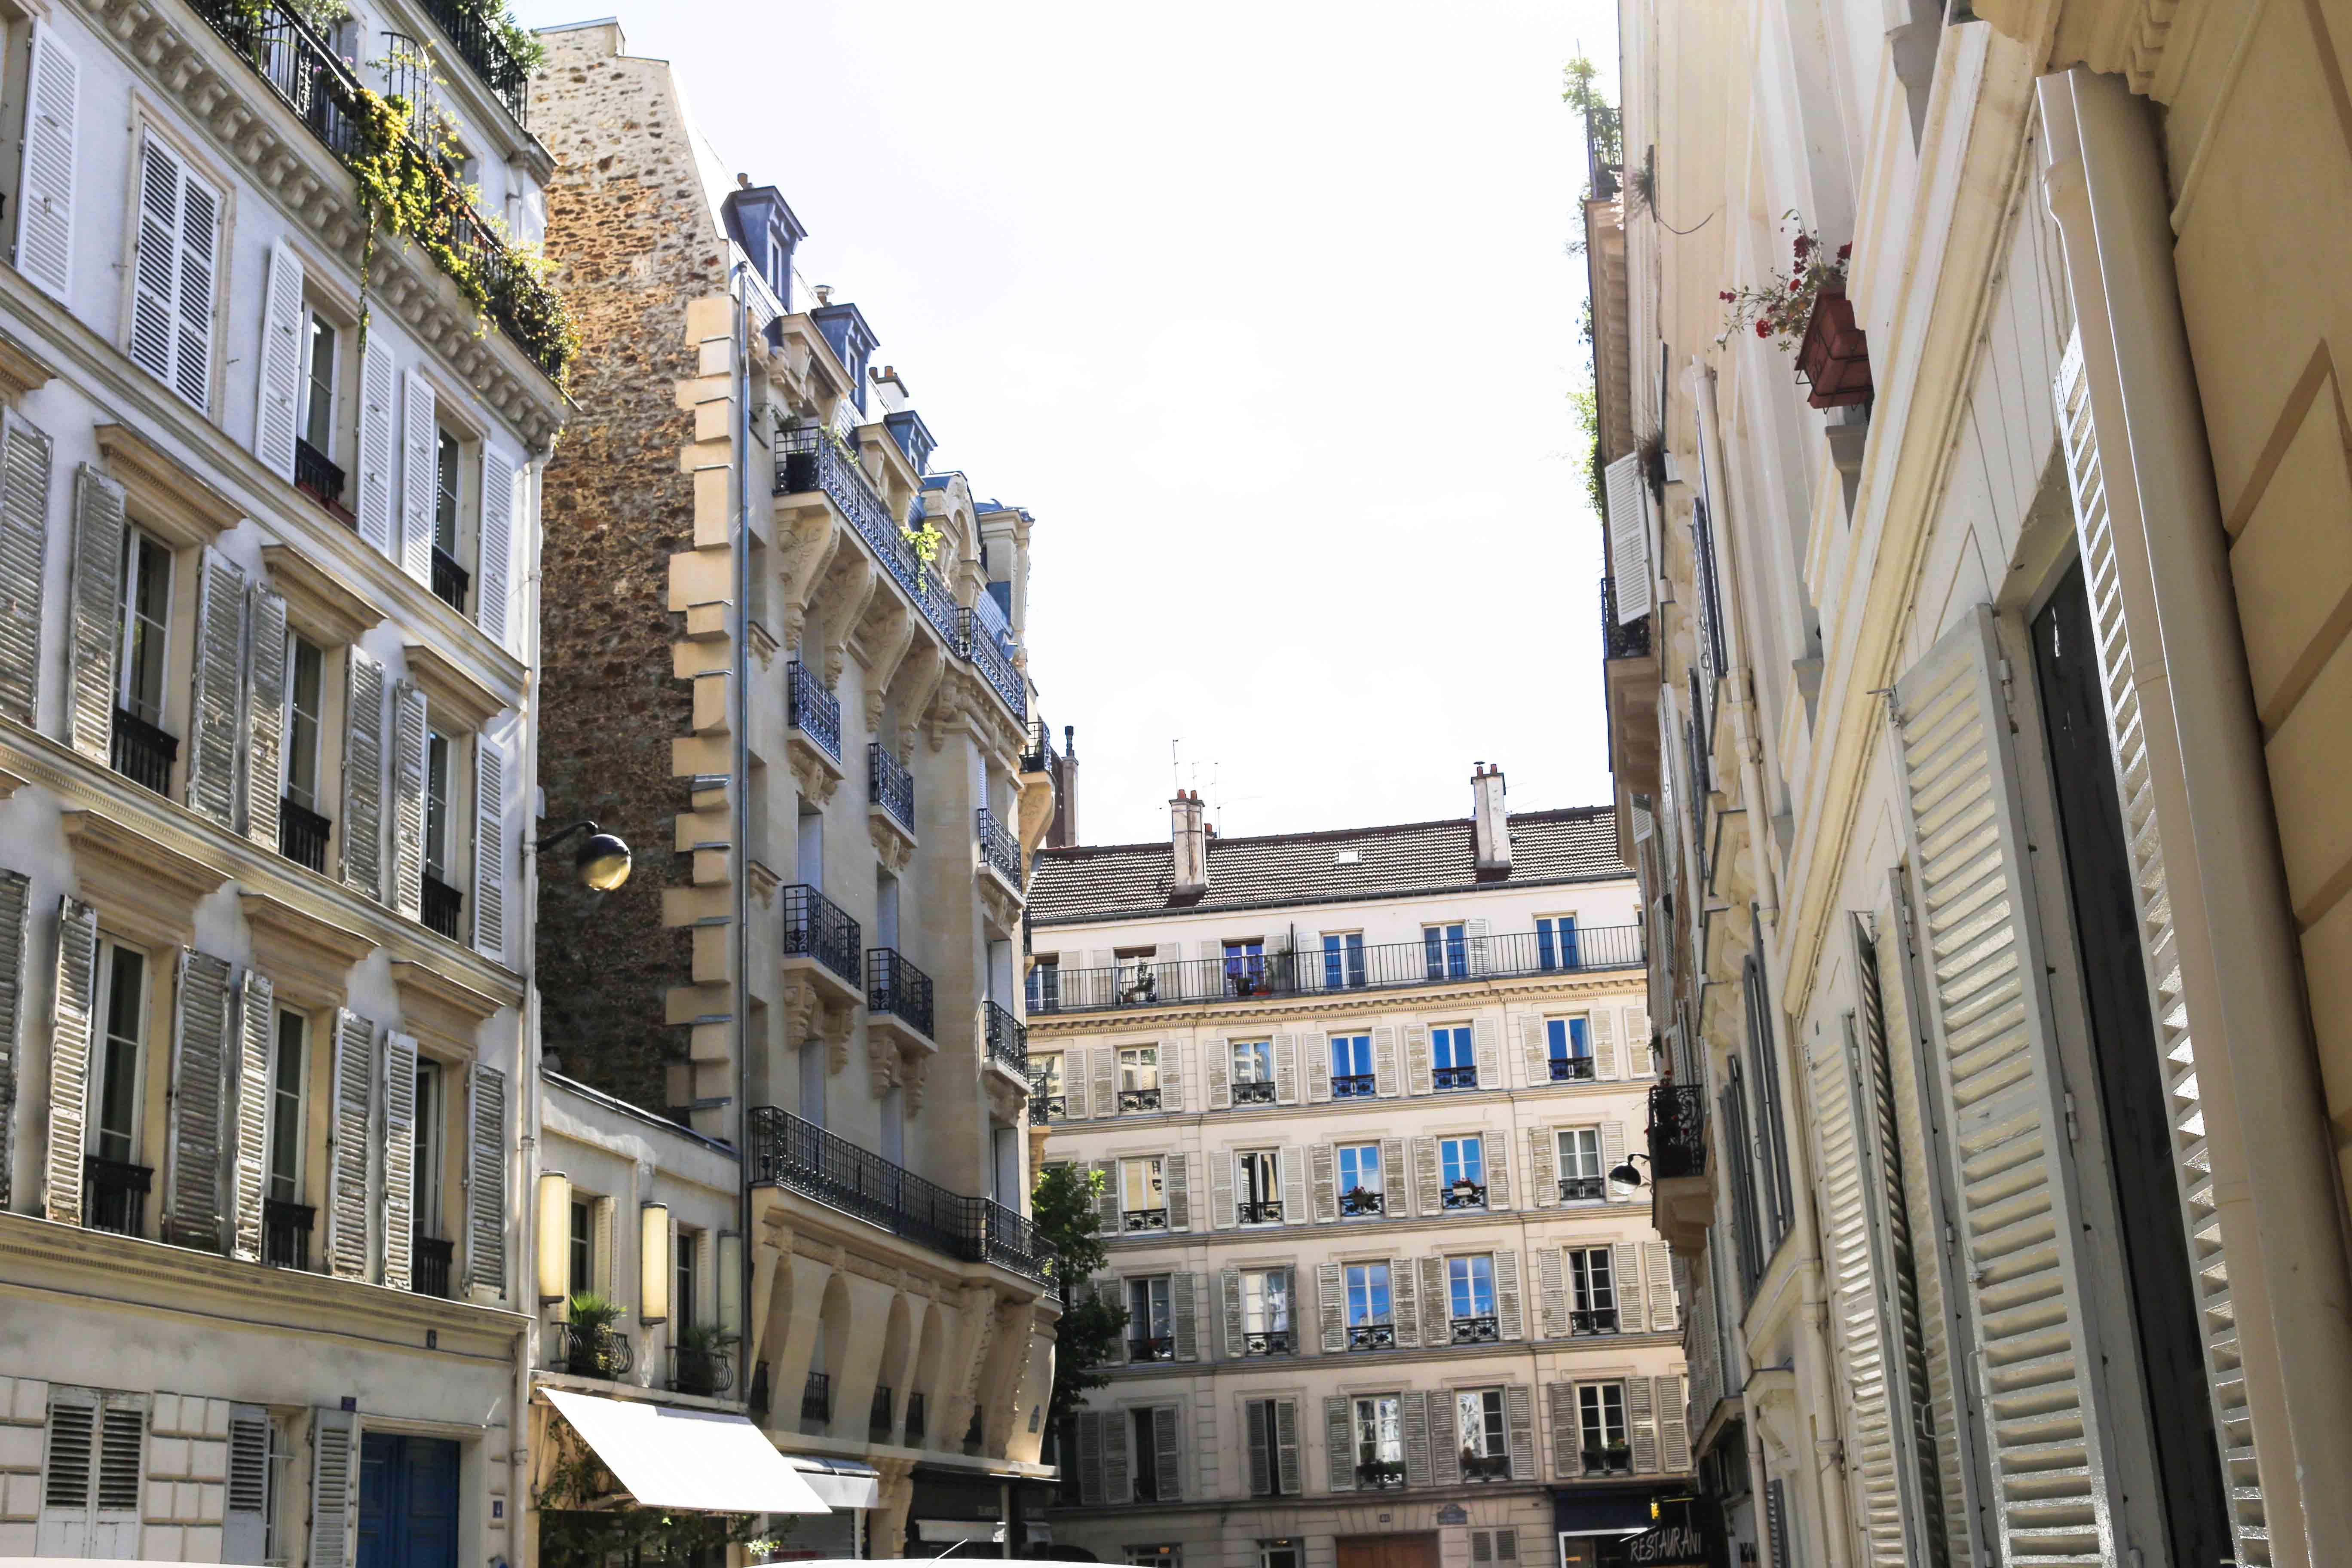 hotel-sacha-happy-culture-montmartre-paris-3-sterne-empfehlung-review-reiseblog-travelblog-blogger_2146